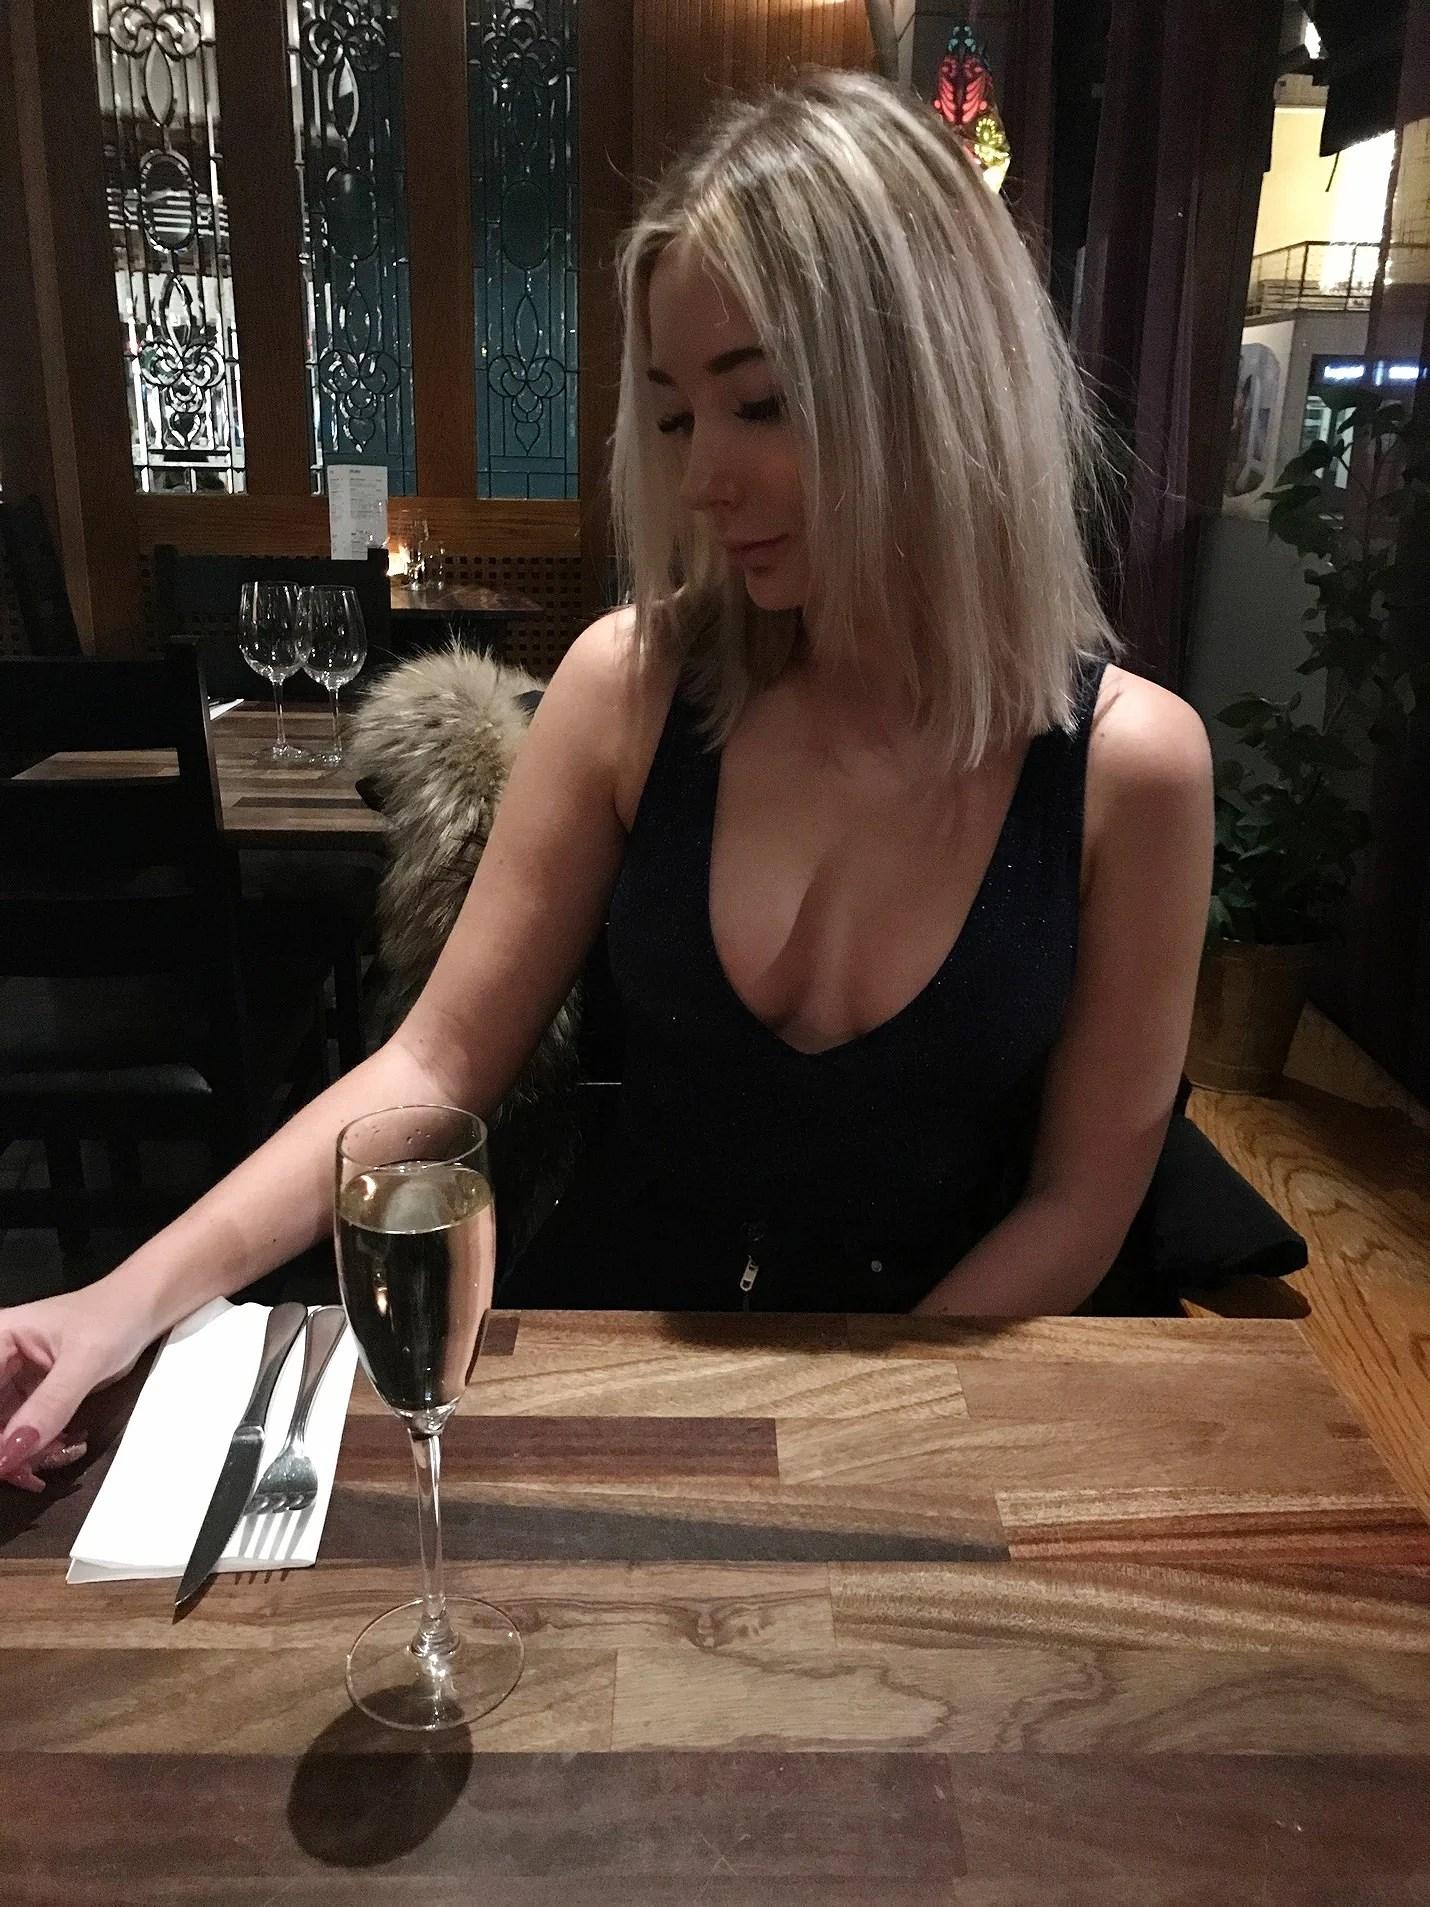 Middag i Norrtälje